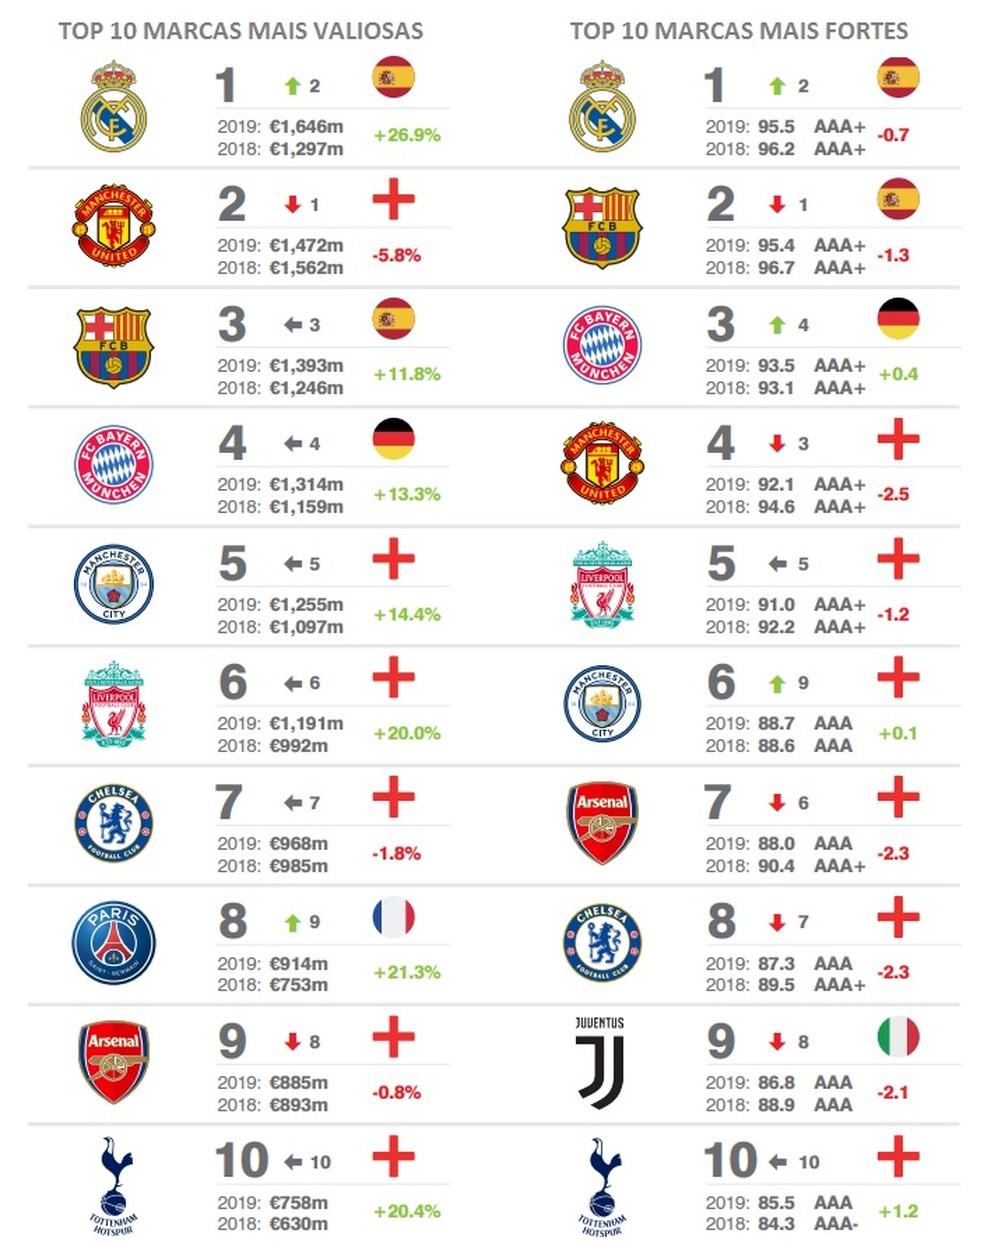 Marcas mais valiosas e fortes do futebol mundial em 2019 — Foto: Brand Finance